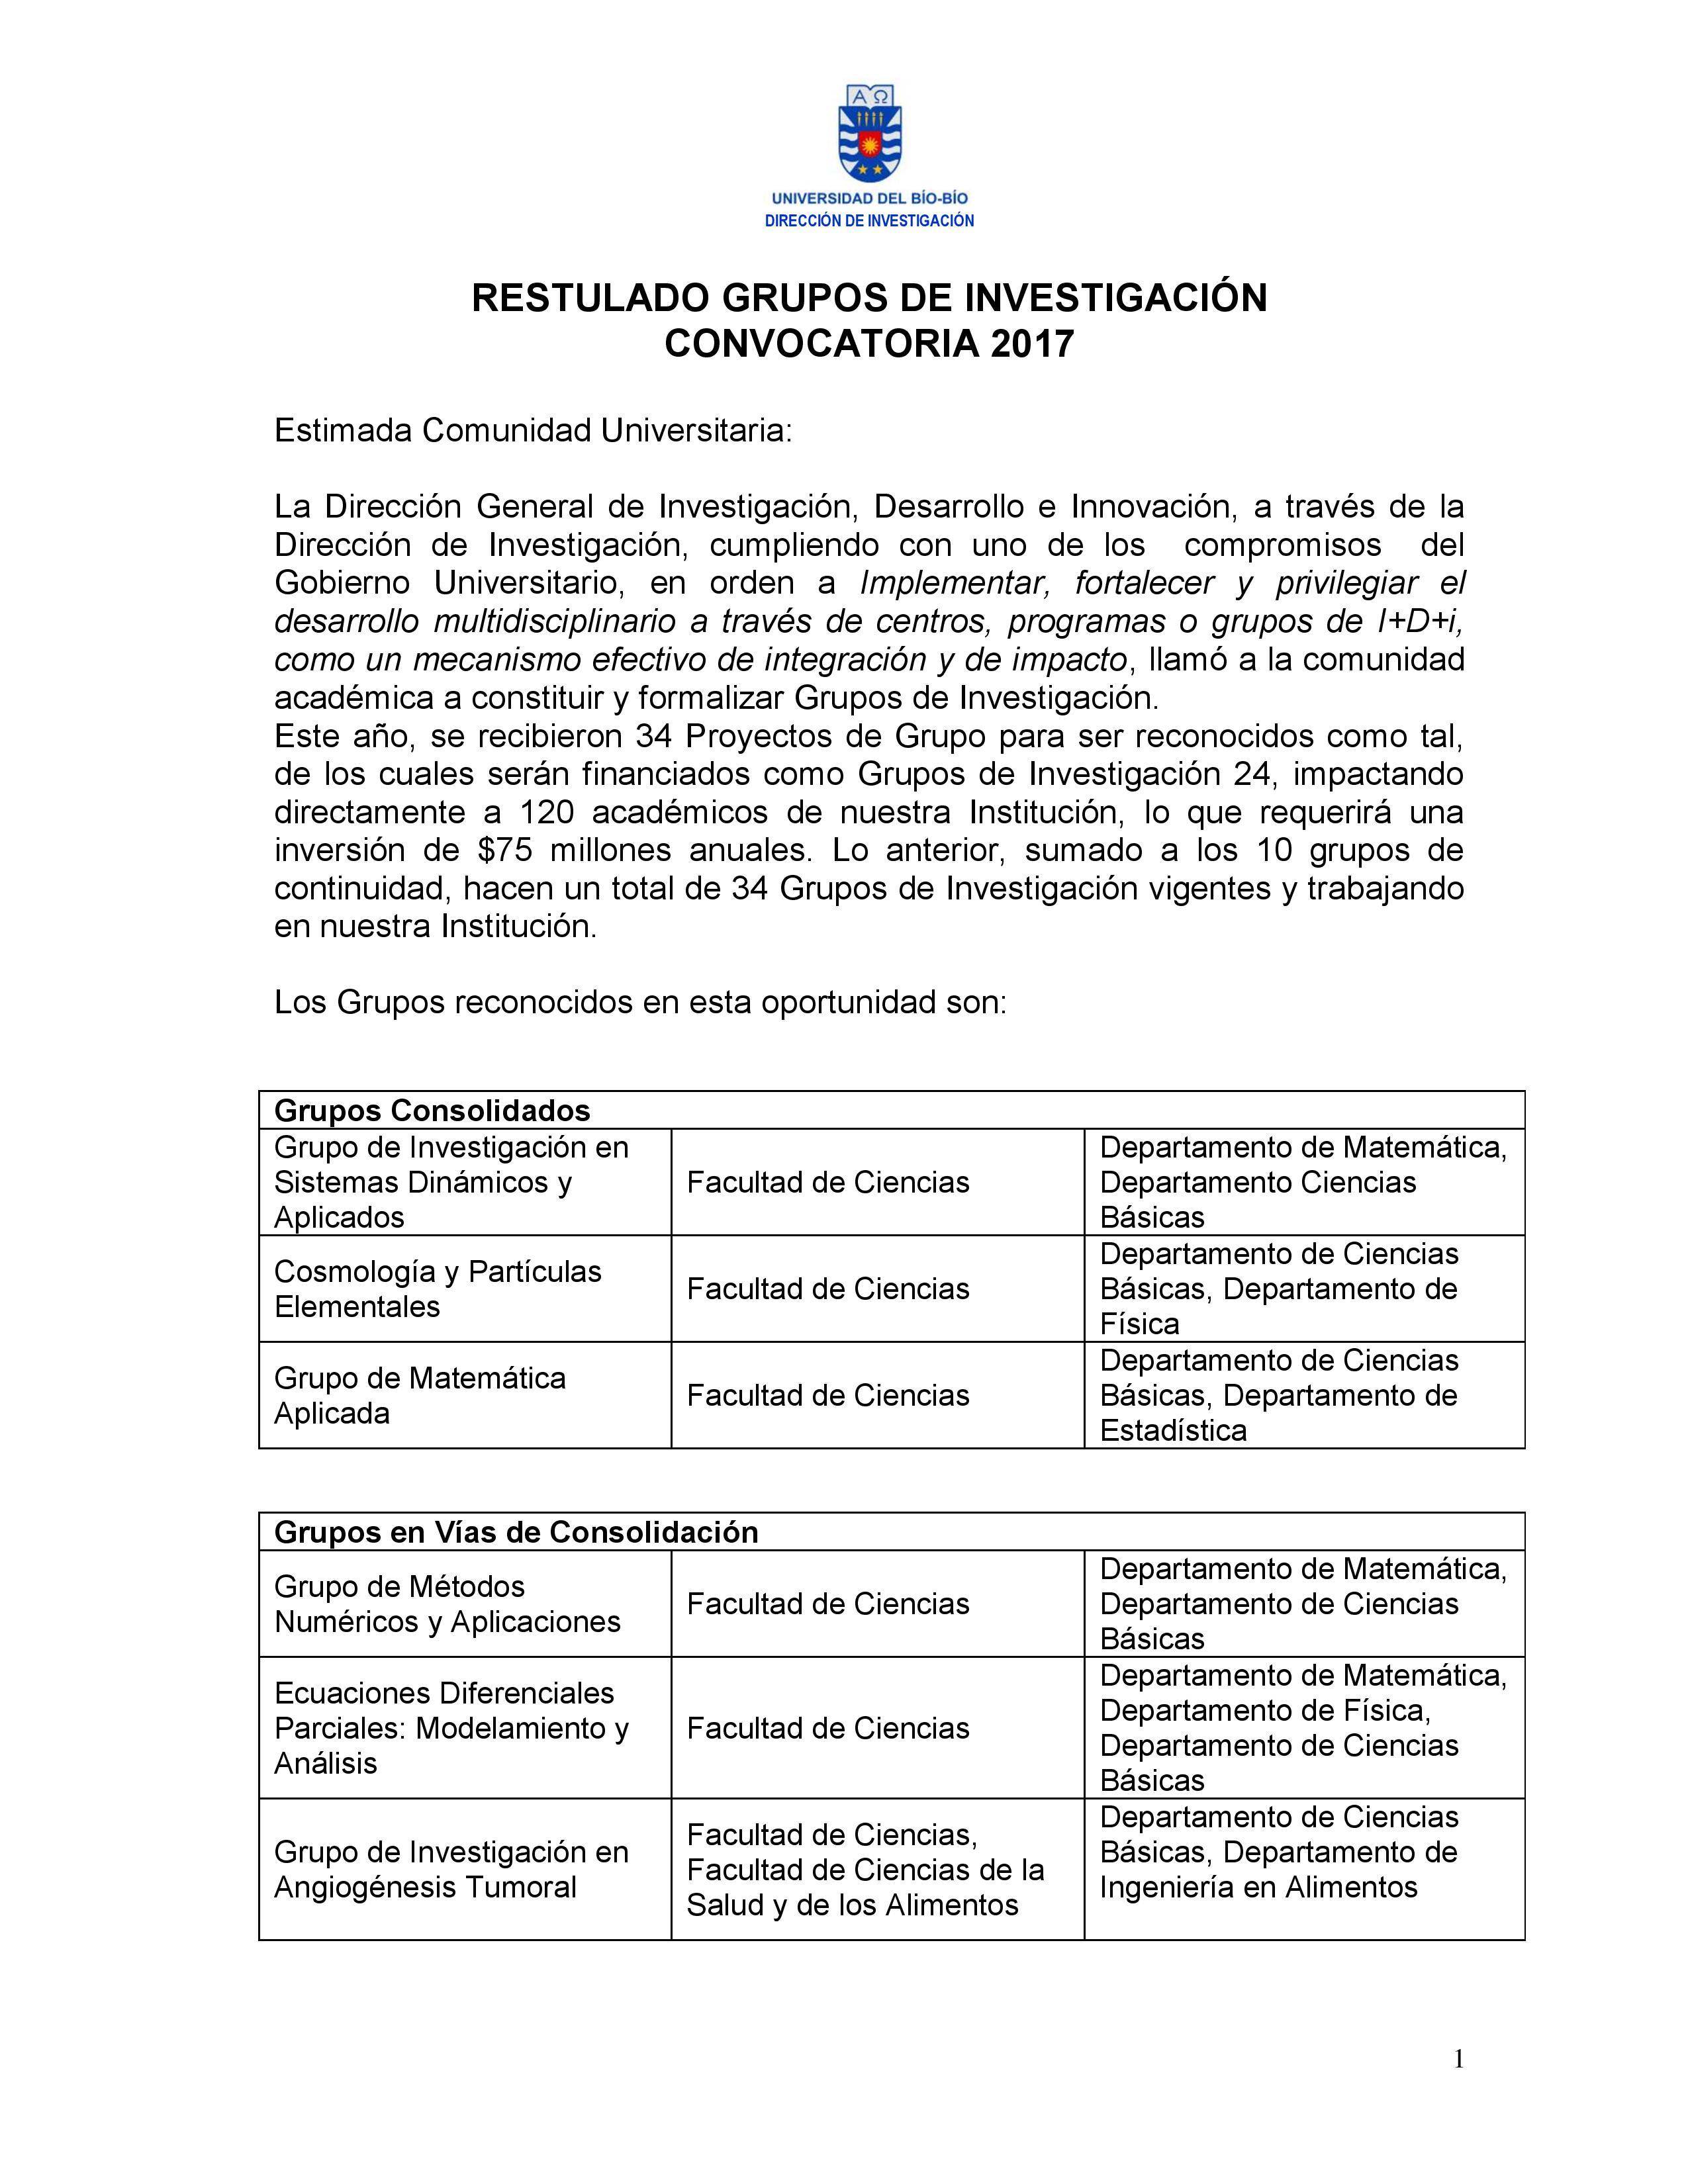 resultado-grupos-de-investigacion-2017-page-001